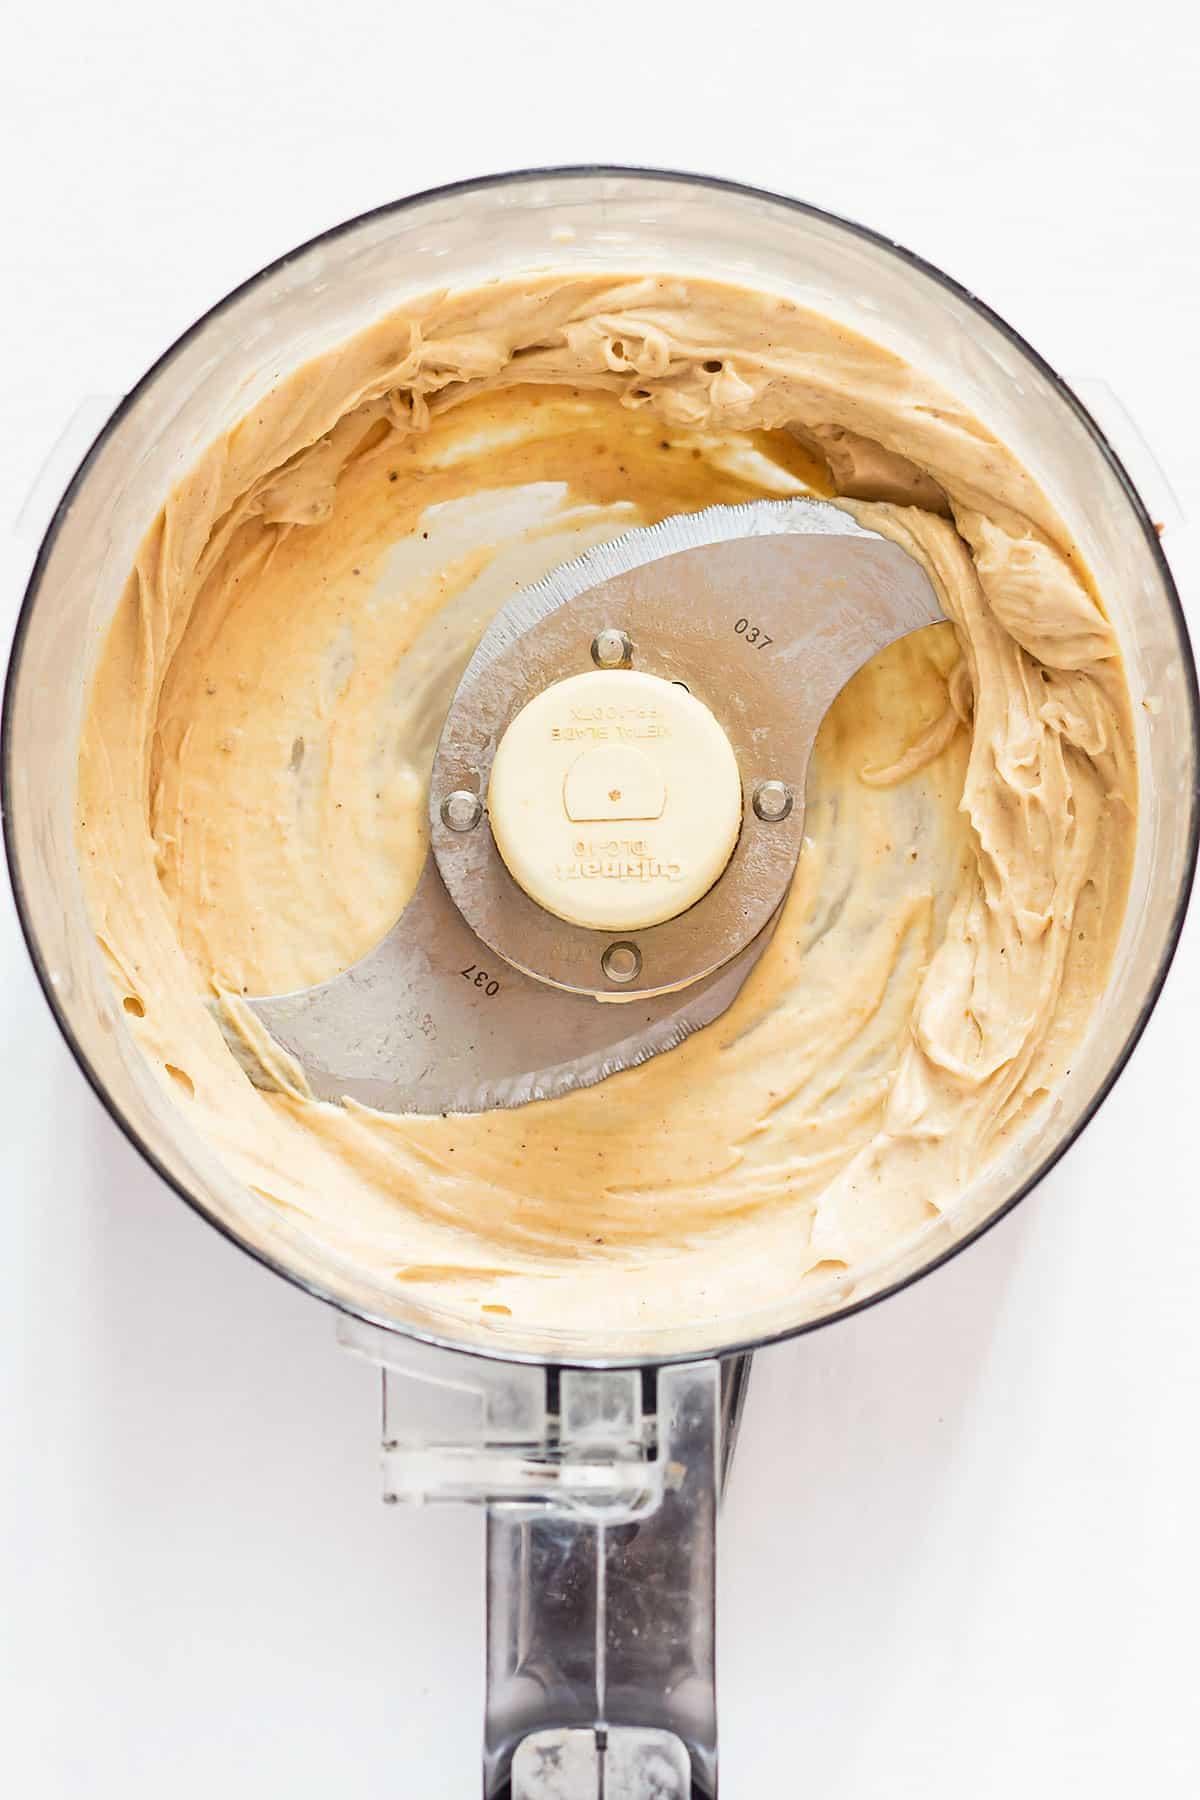 Blended Peanut Butter Nice Cream